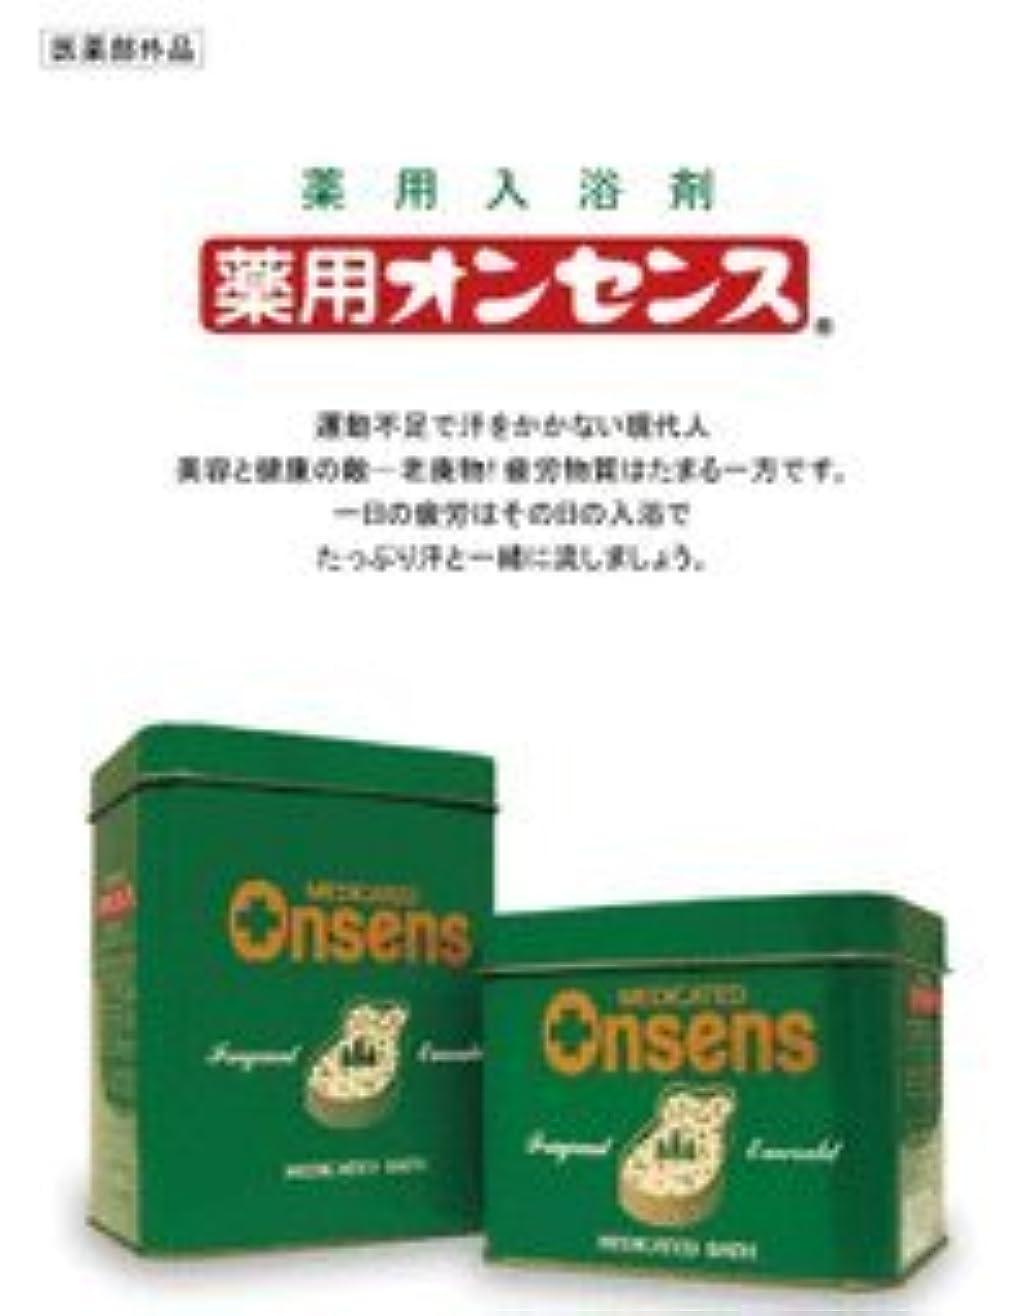 いつ追い出す鼓舞する薬用オンセンス 1.4kg缶 薬用入浴剤 松葉エキス(松柏科植物の製油) 入浴剤 医薬部外品